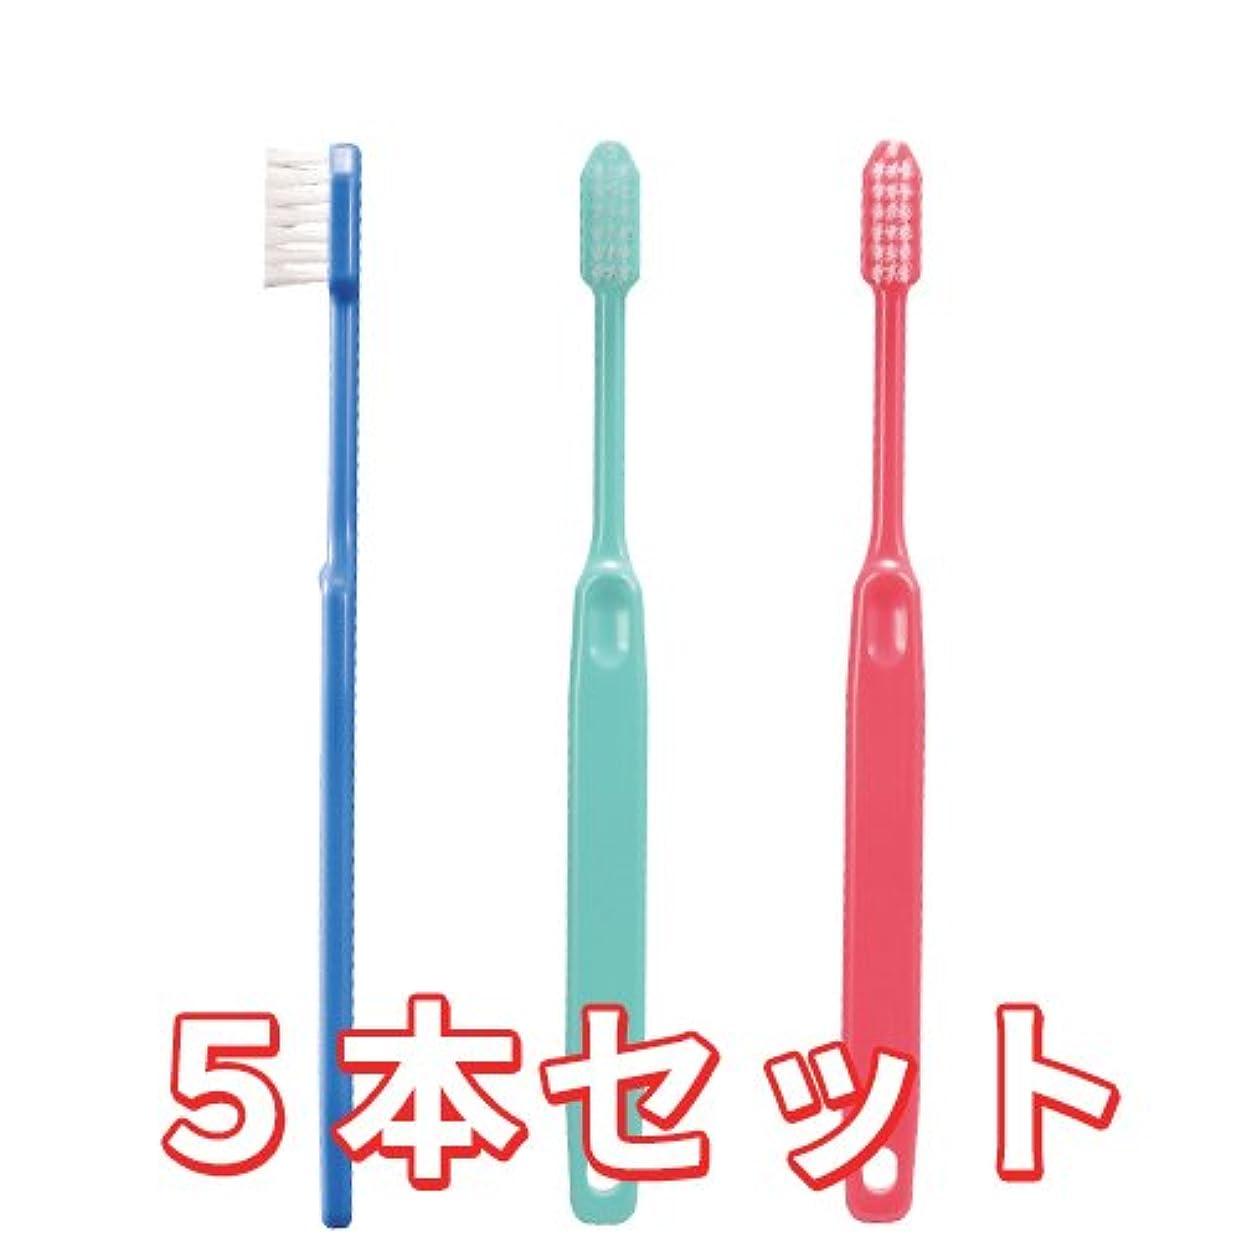 レバー消去分子Ciメディカル 歯ブラシ コンパクトヘッド 疎毛タイプ アソート 5本 (Ci23(やややわらかめ))